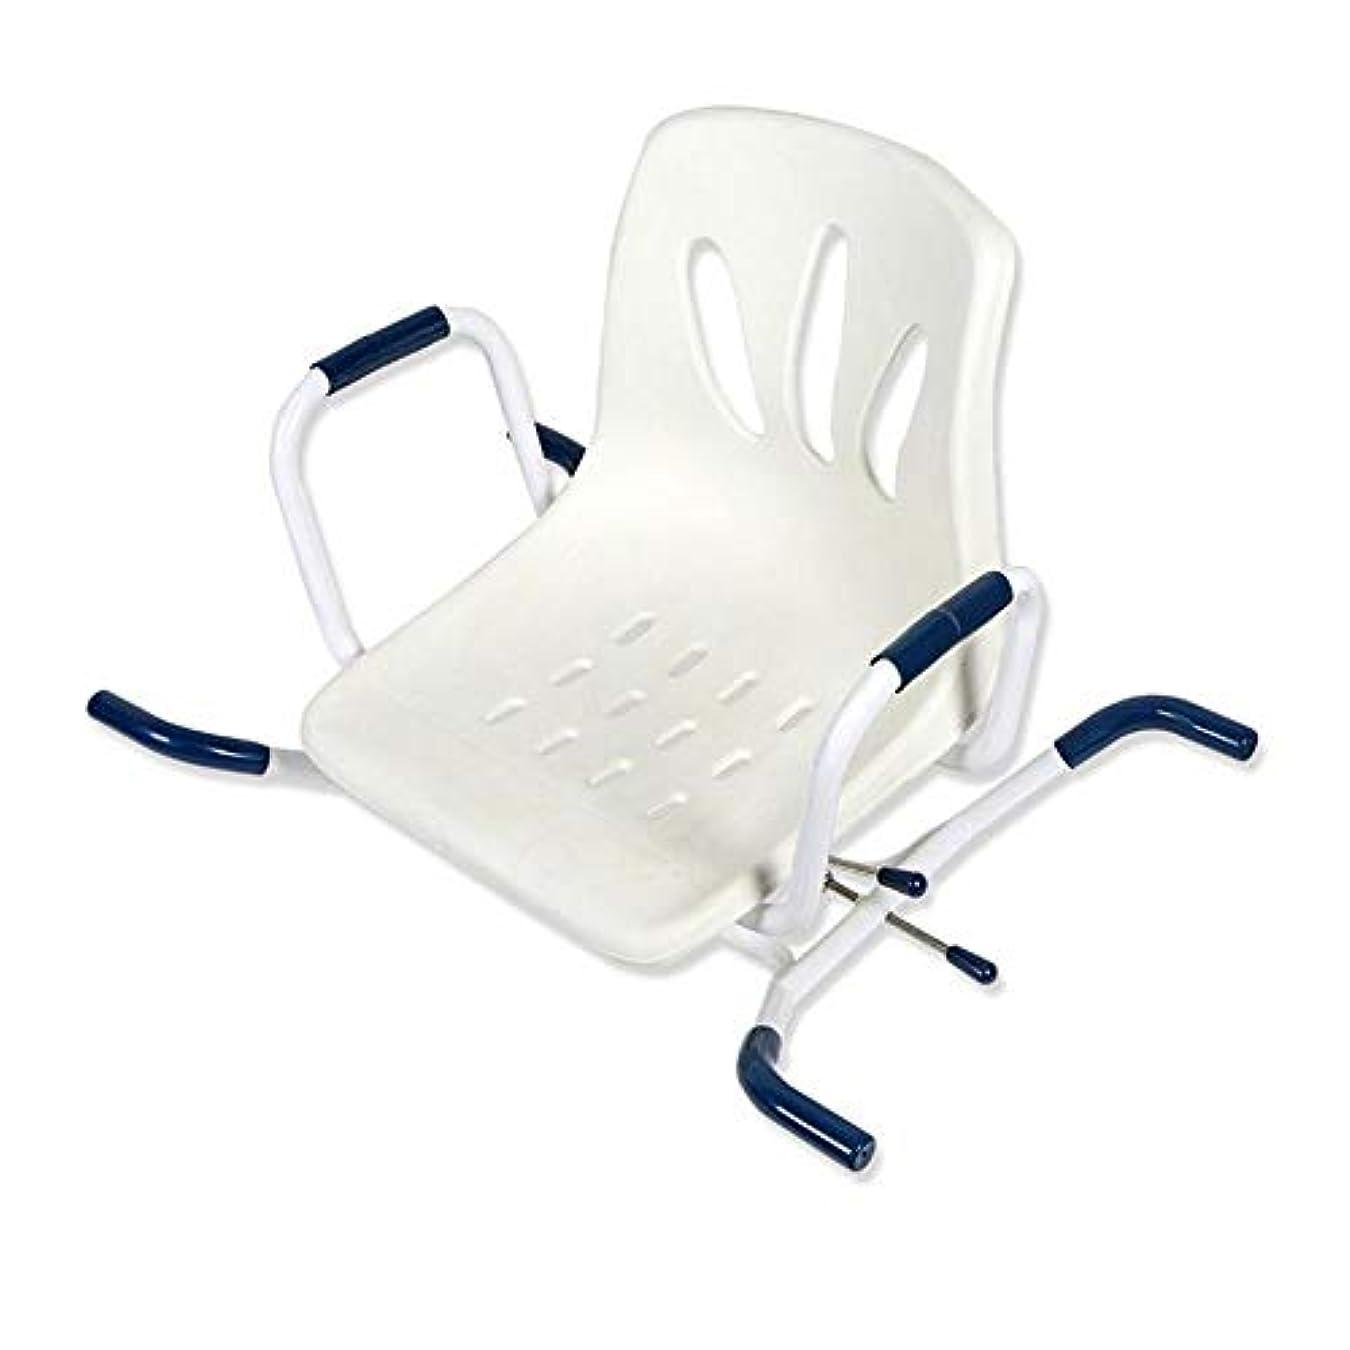 嫌がらせプロット絵バスボードの座席を横切った吊り下げ式バスベンチ調節可能なスイベルバスター(背もたれ付き)